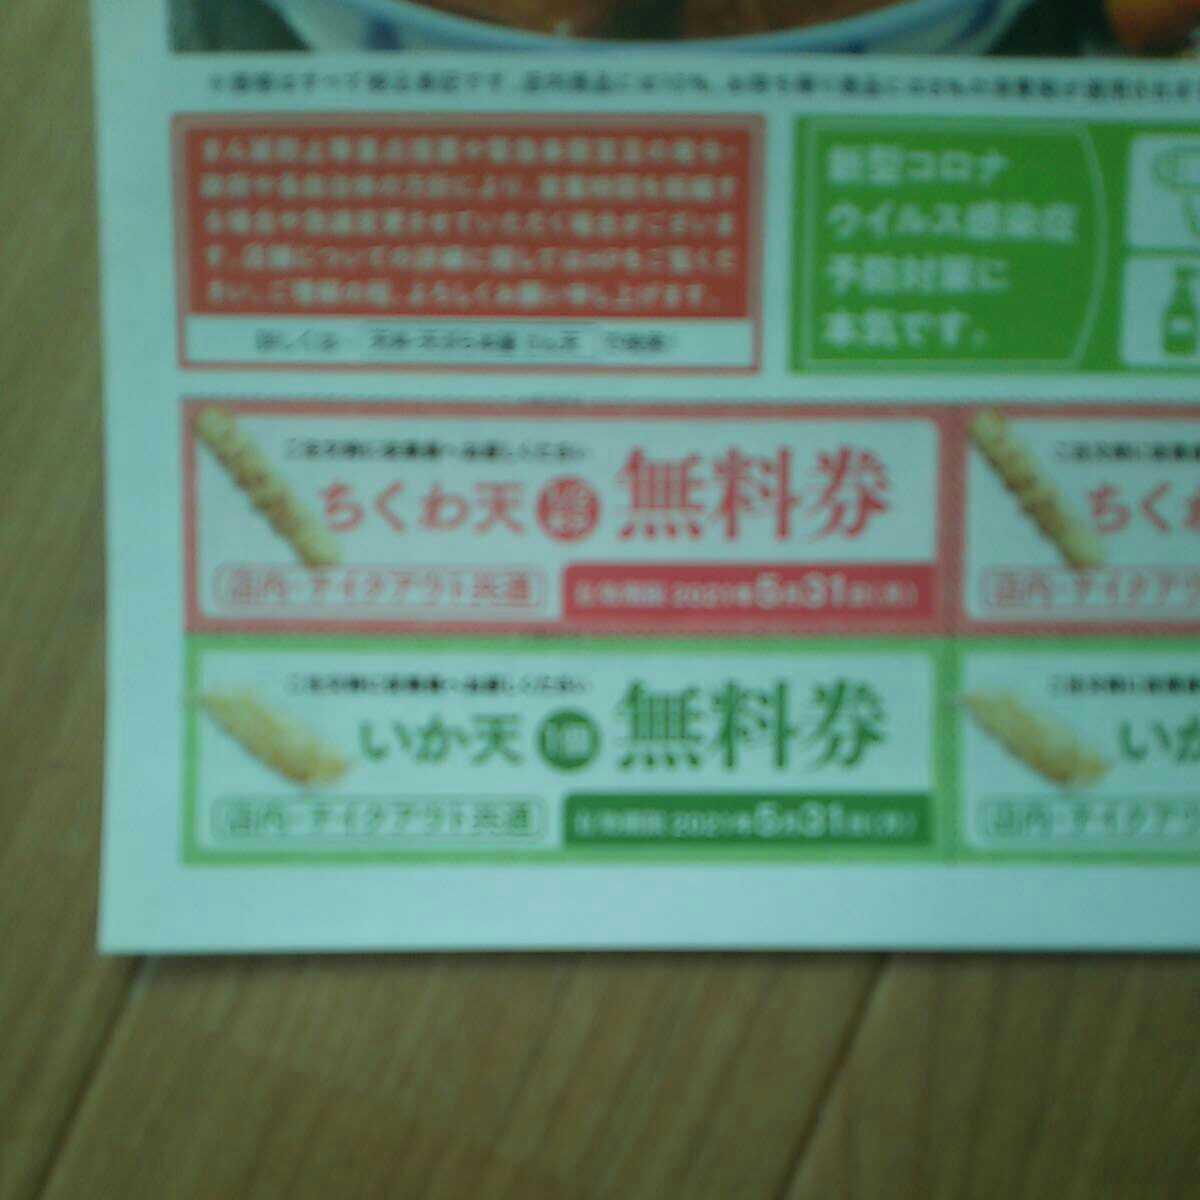 天丼・天ぷら本舗 さん天クーポン 店内・テイクアウト共通 ちくわ天1/2本分、いか天1個無料券付き広告紙 有効期限:2021.6/30(水)迄_画像2